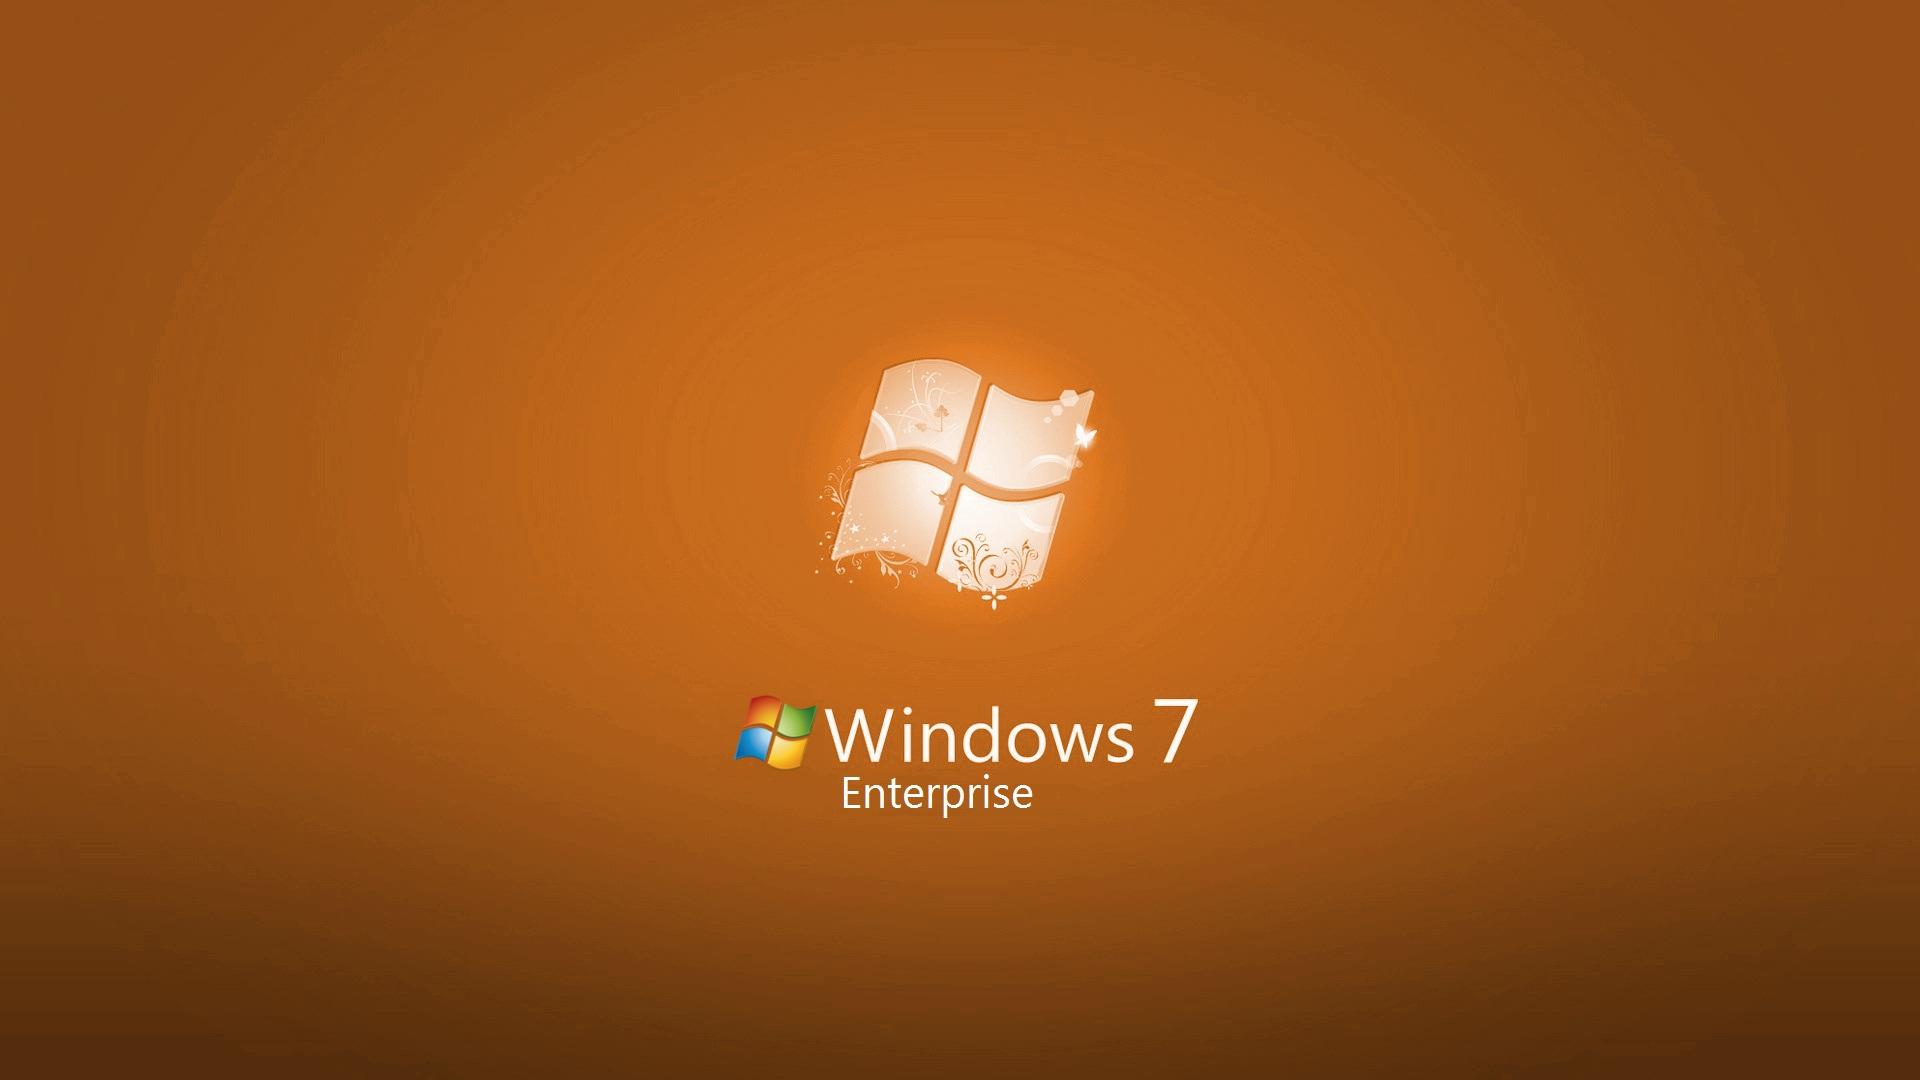 Windows  Enterprise Wallpaper X By Jwc X